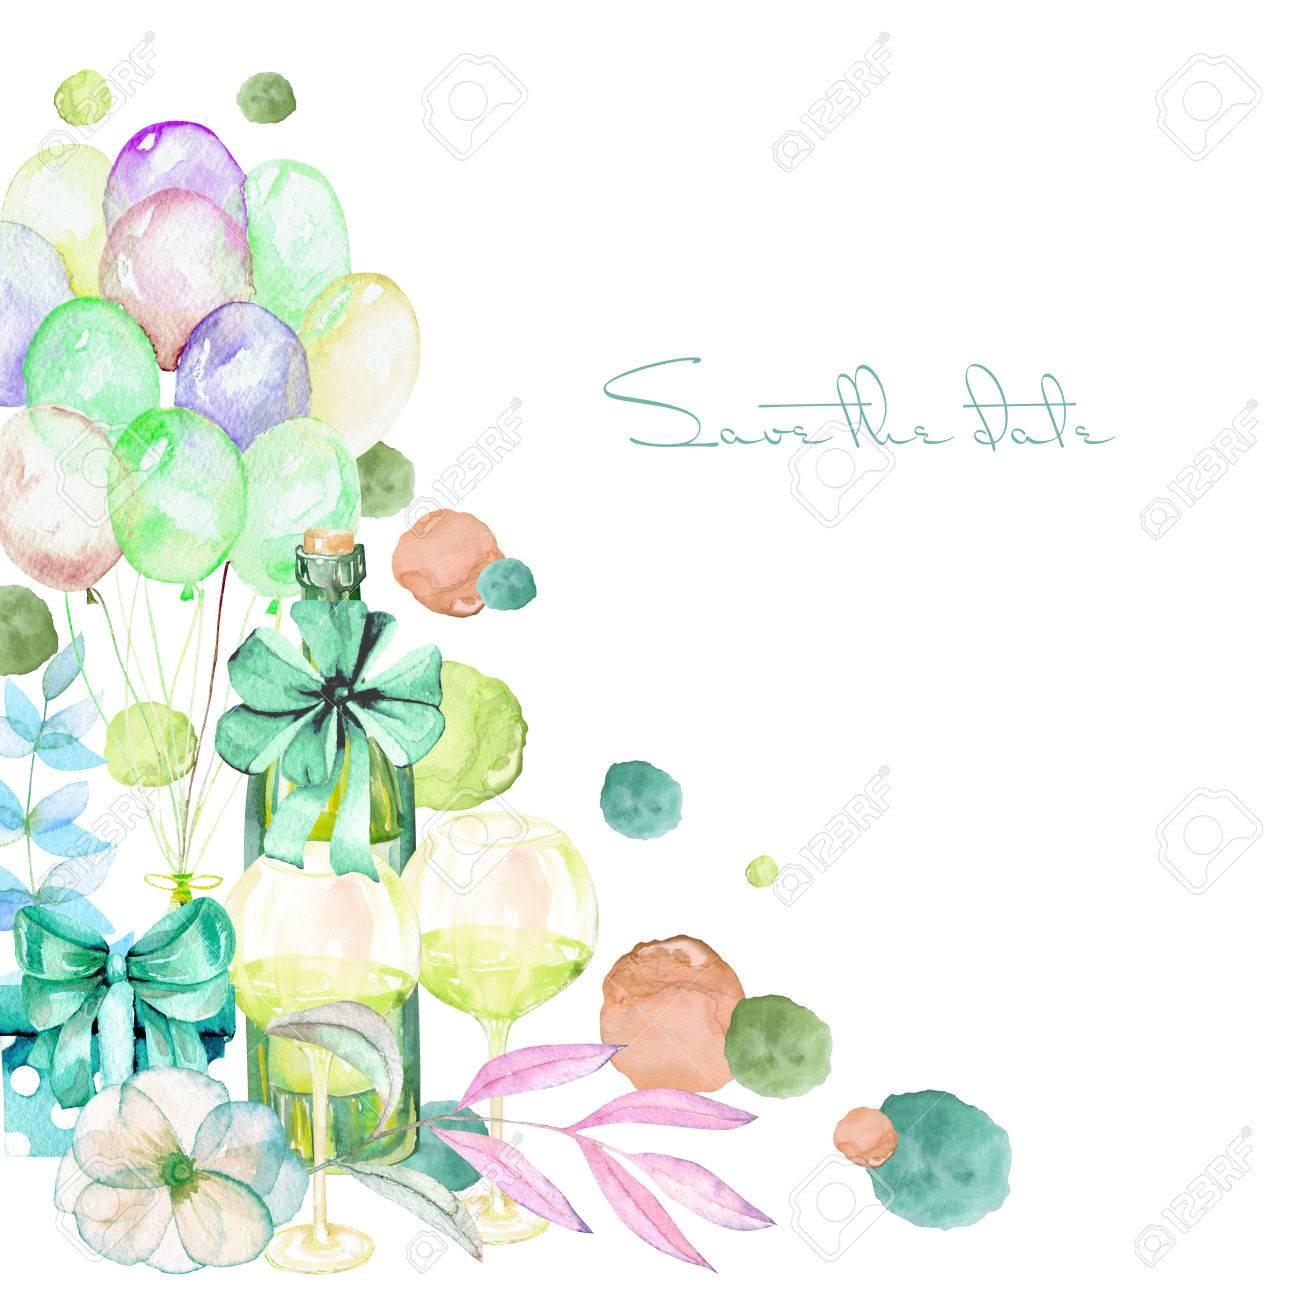 Feiertagskarte Vorlage Mit Aquarell Geschenk-Box, Luft Ballons ...